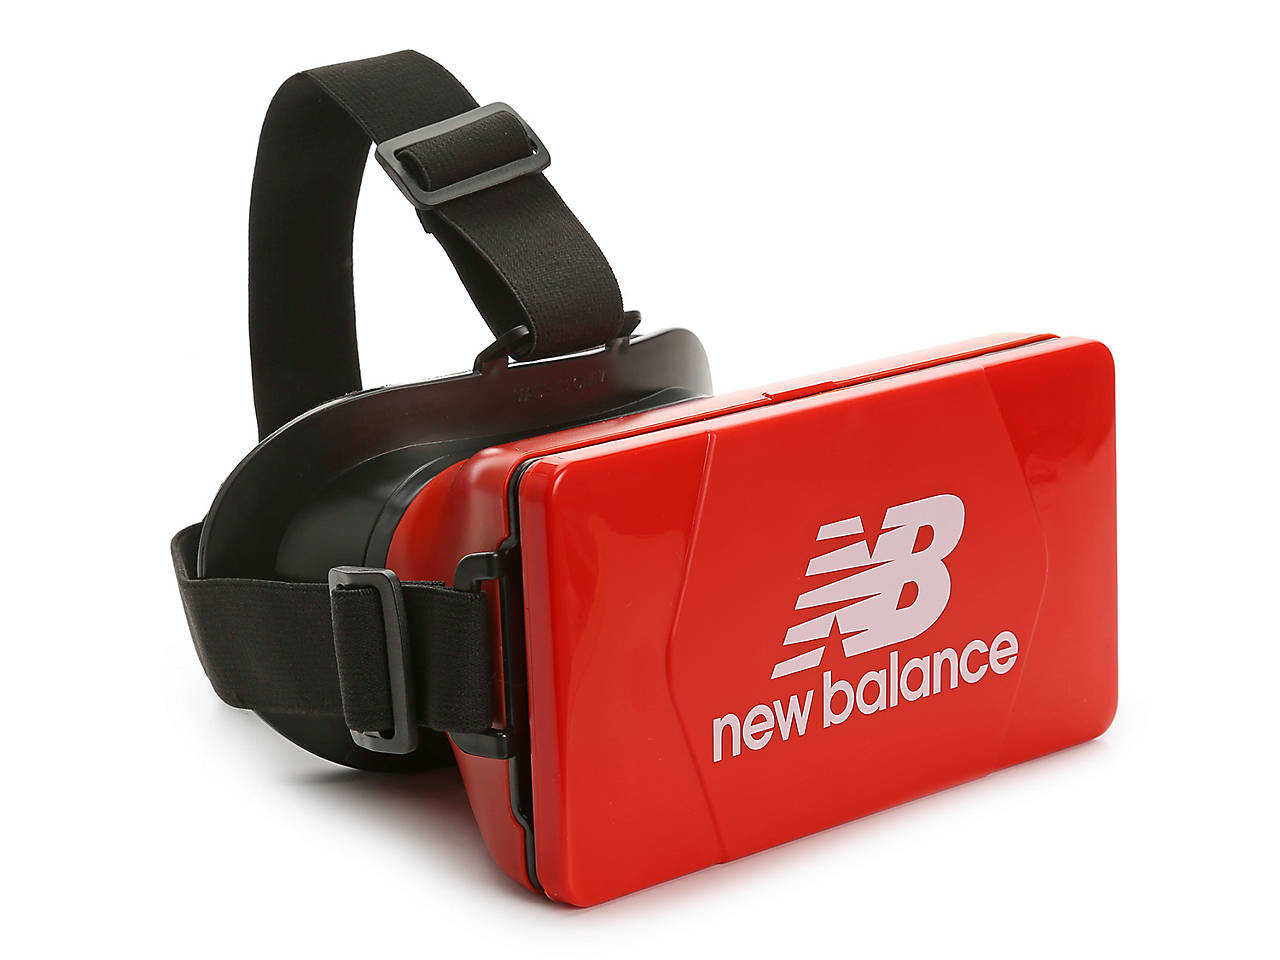 Free New Balance Virtual Reality Headset